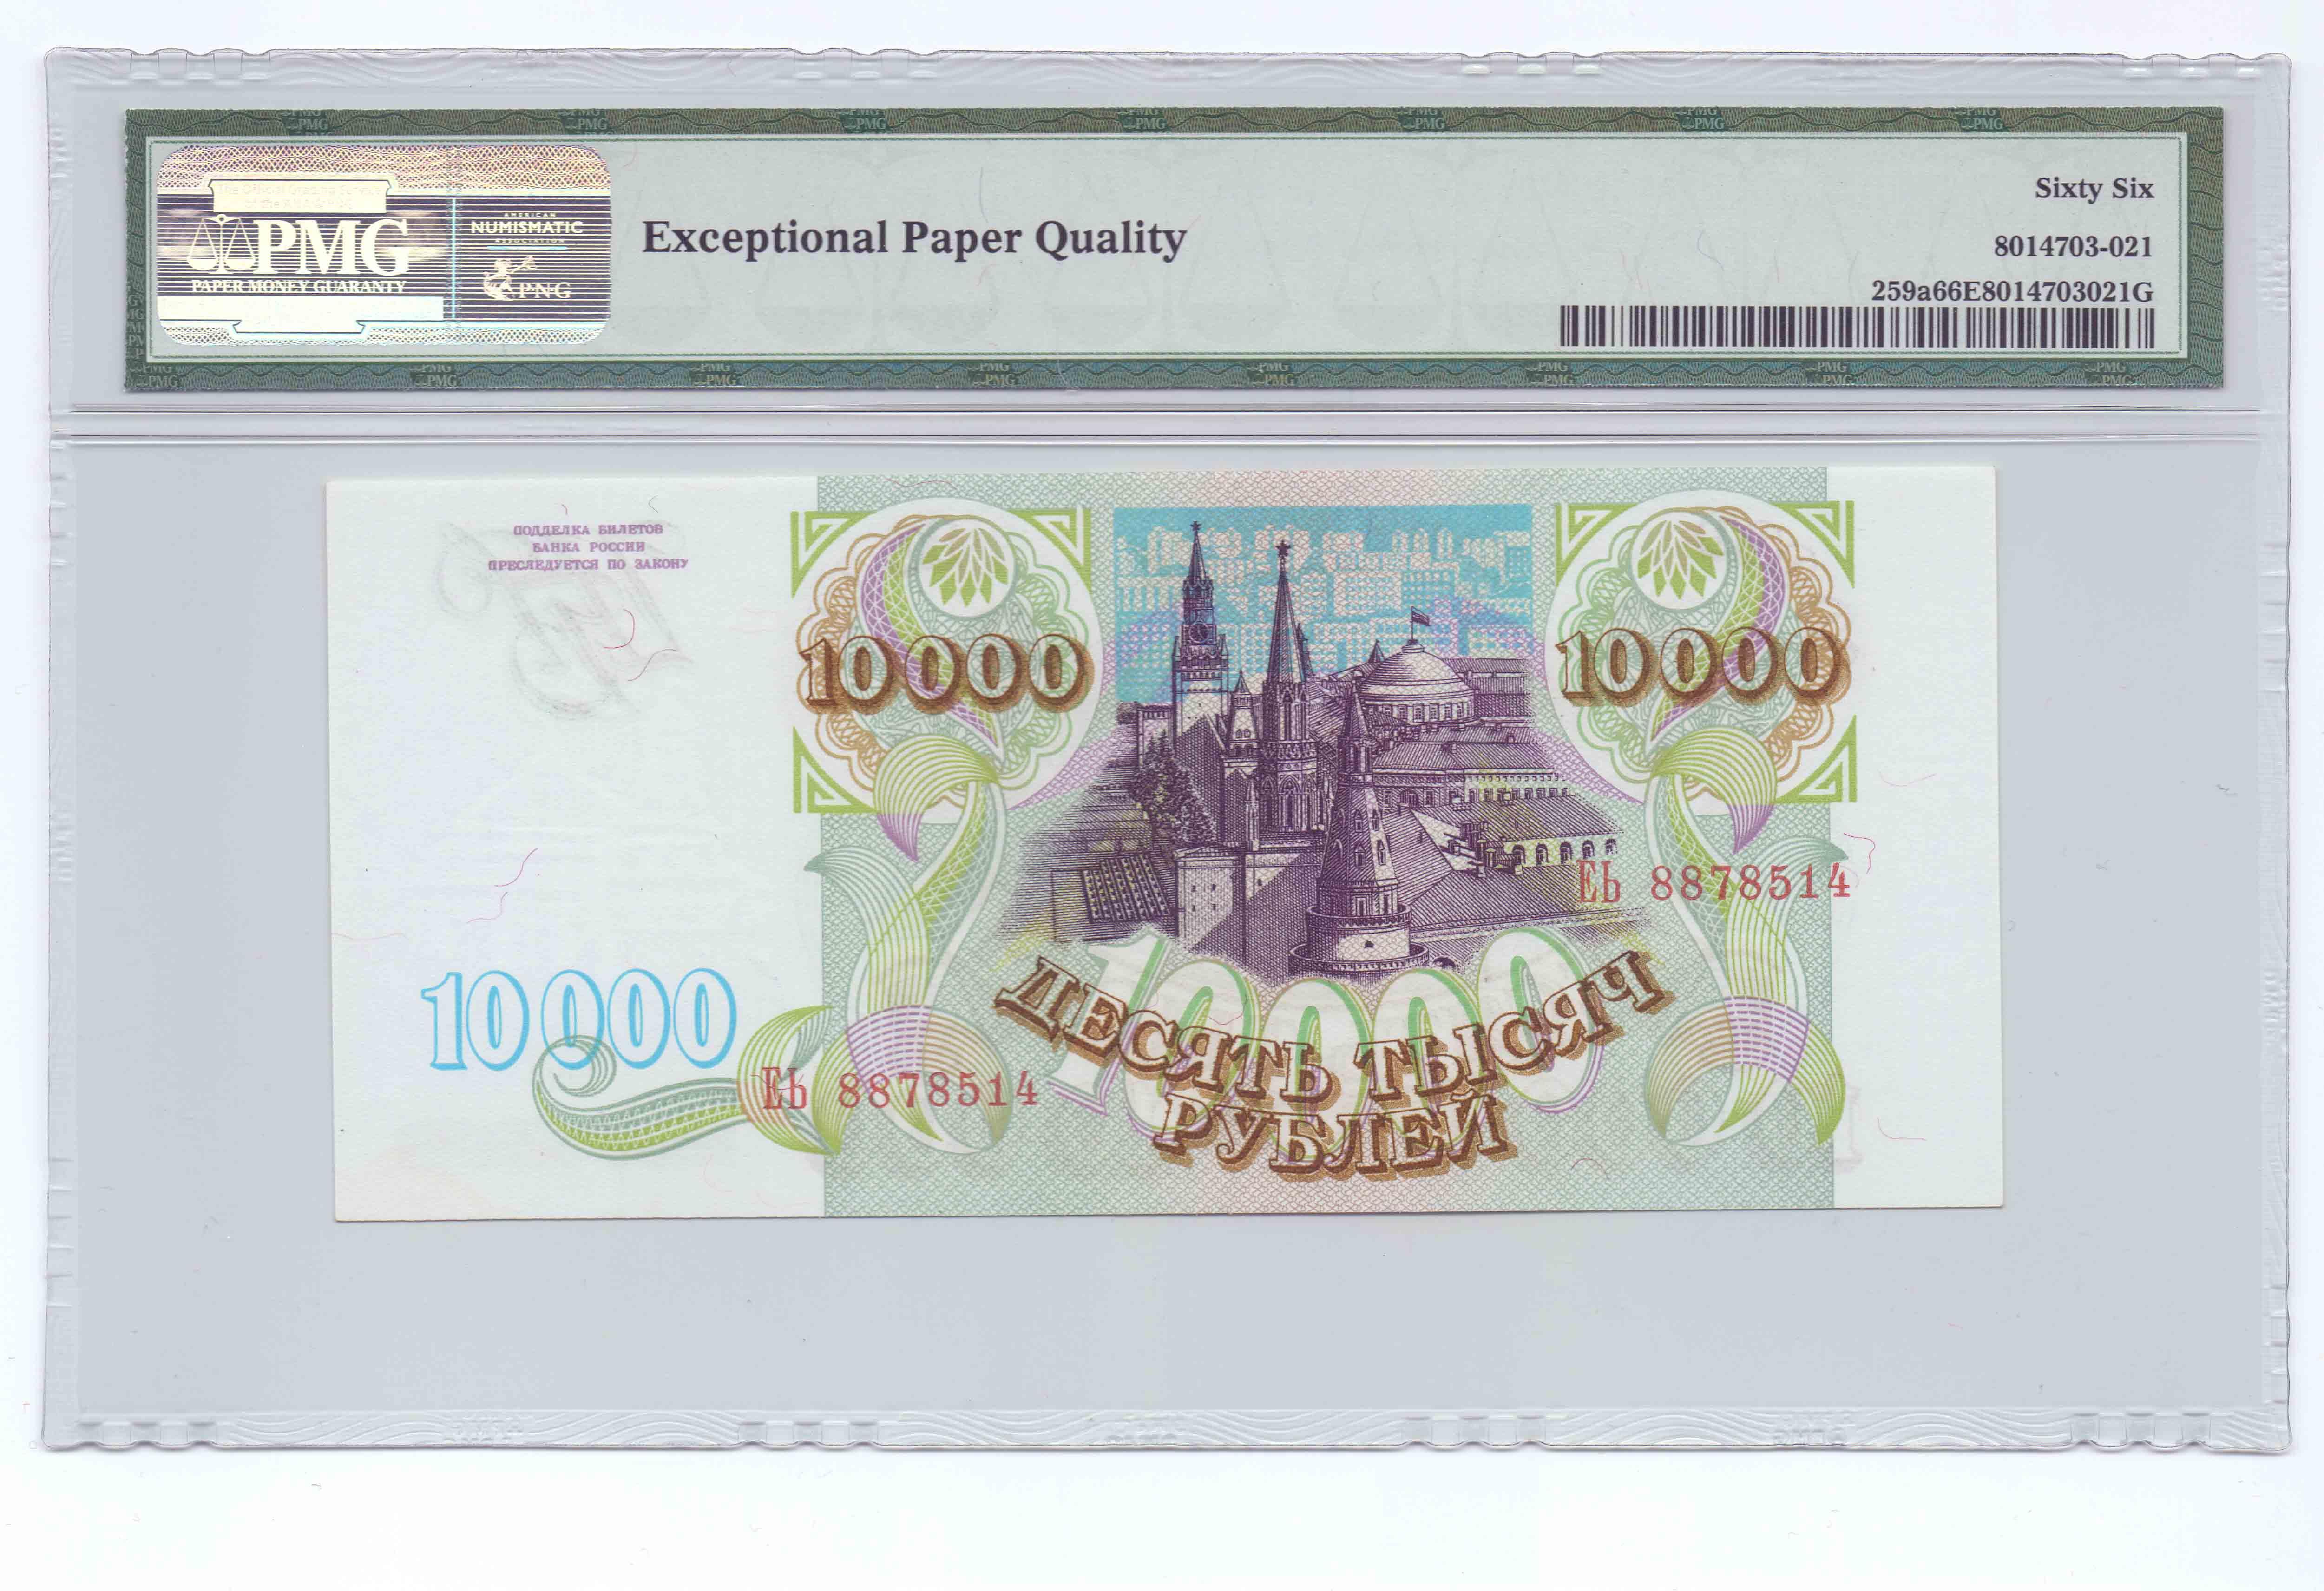 10 000 рублей 1993 г. ЕЬ 8878514 PMG. 66 EPQ. Pick.259a  #Б001-005